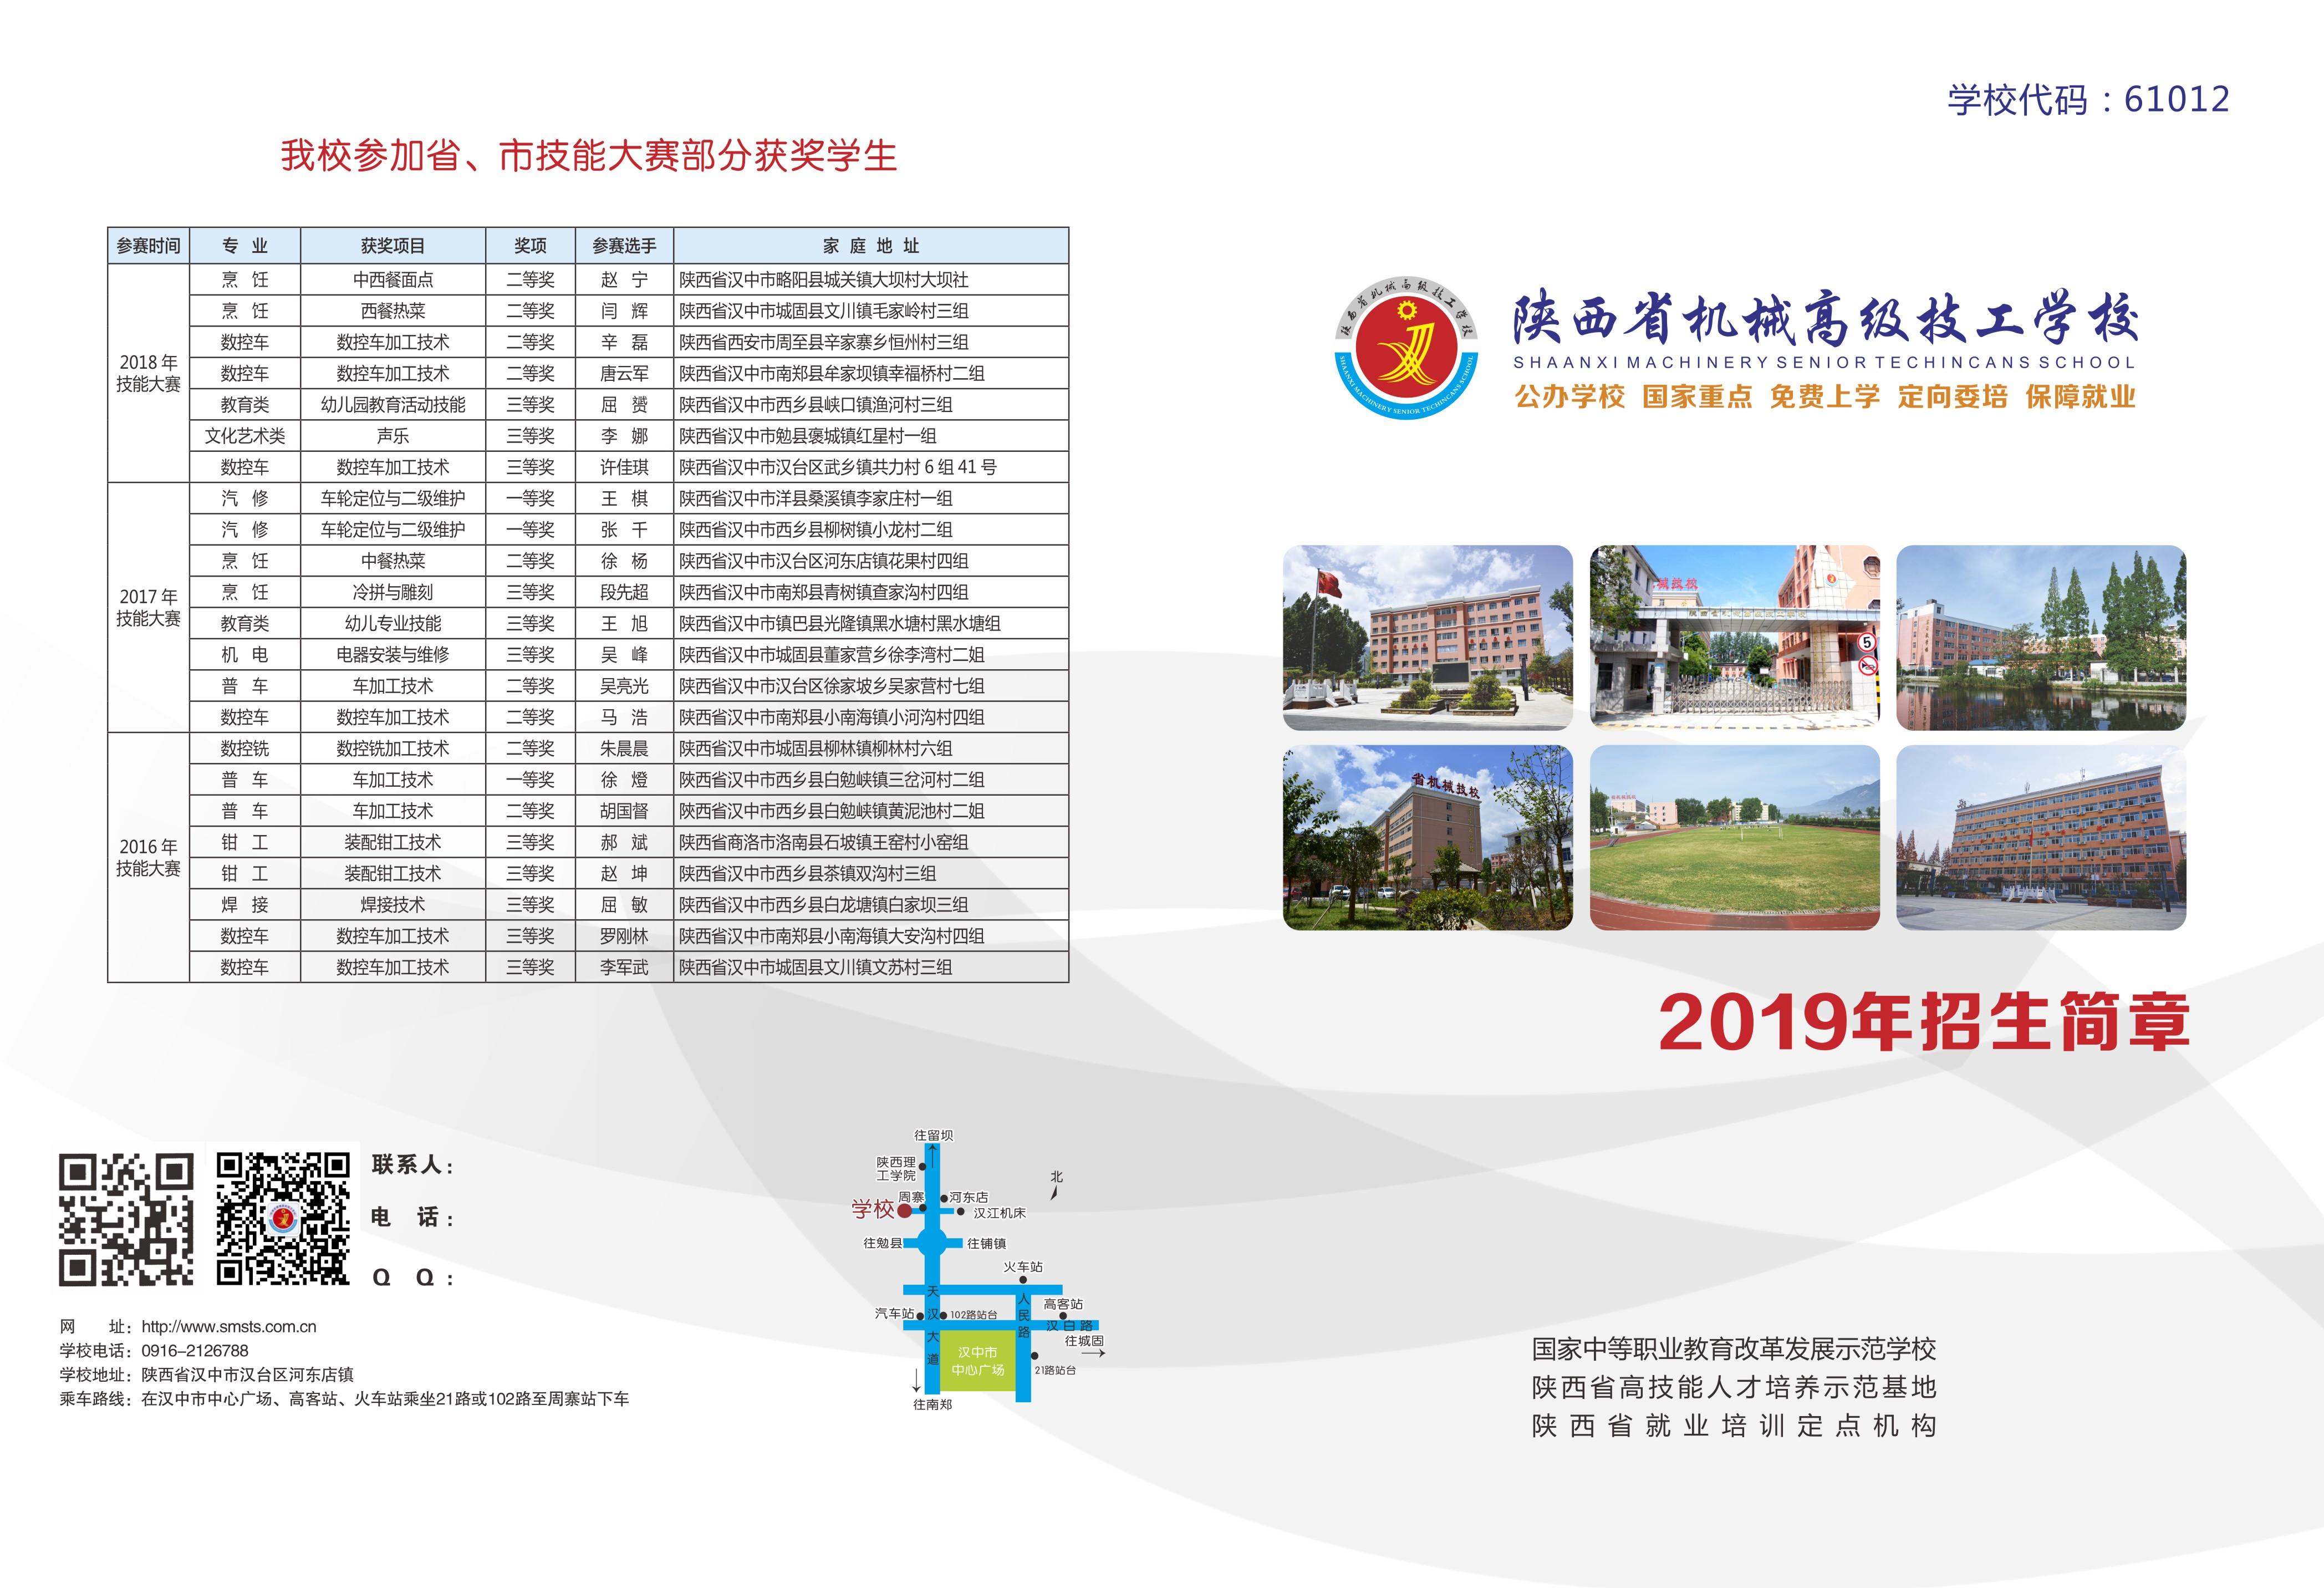 2019年招生简章-1